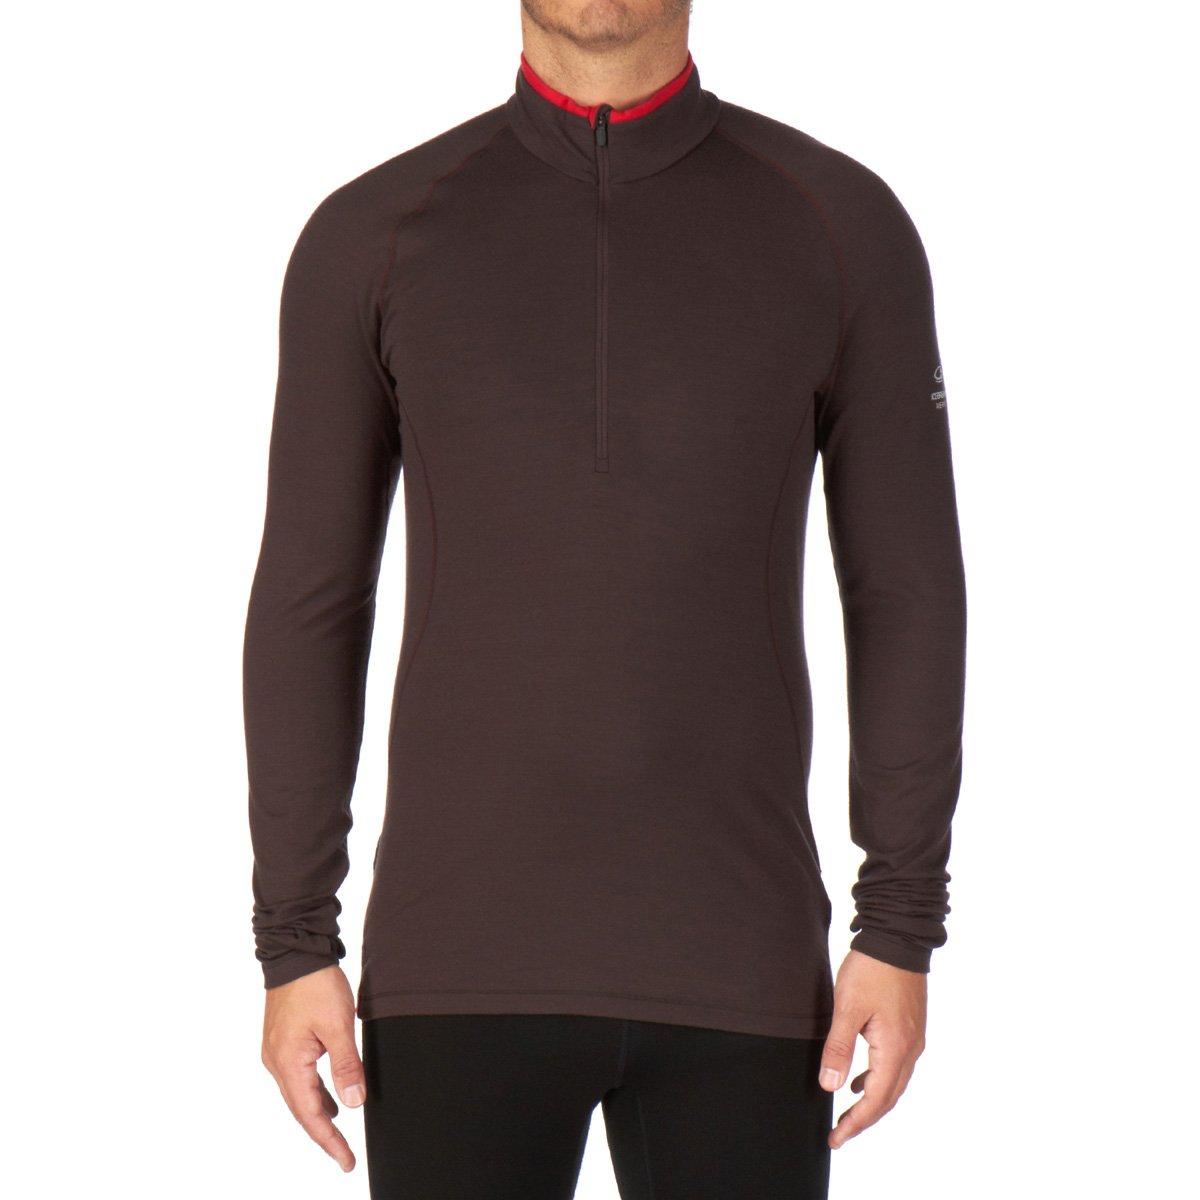 Icebreaker Herren Shirt Unterhemd langarm Rollkragen Pursuit Long Sleeve Half Zip